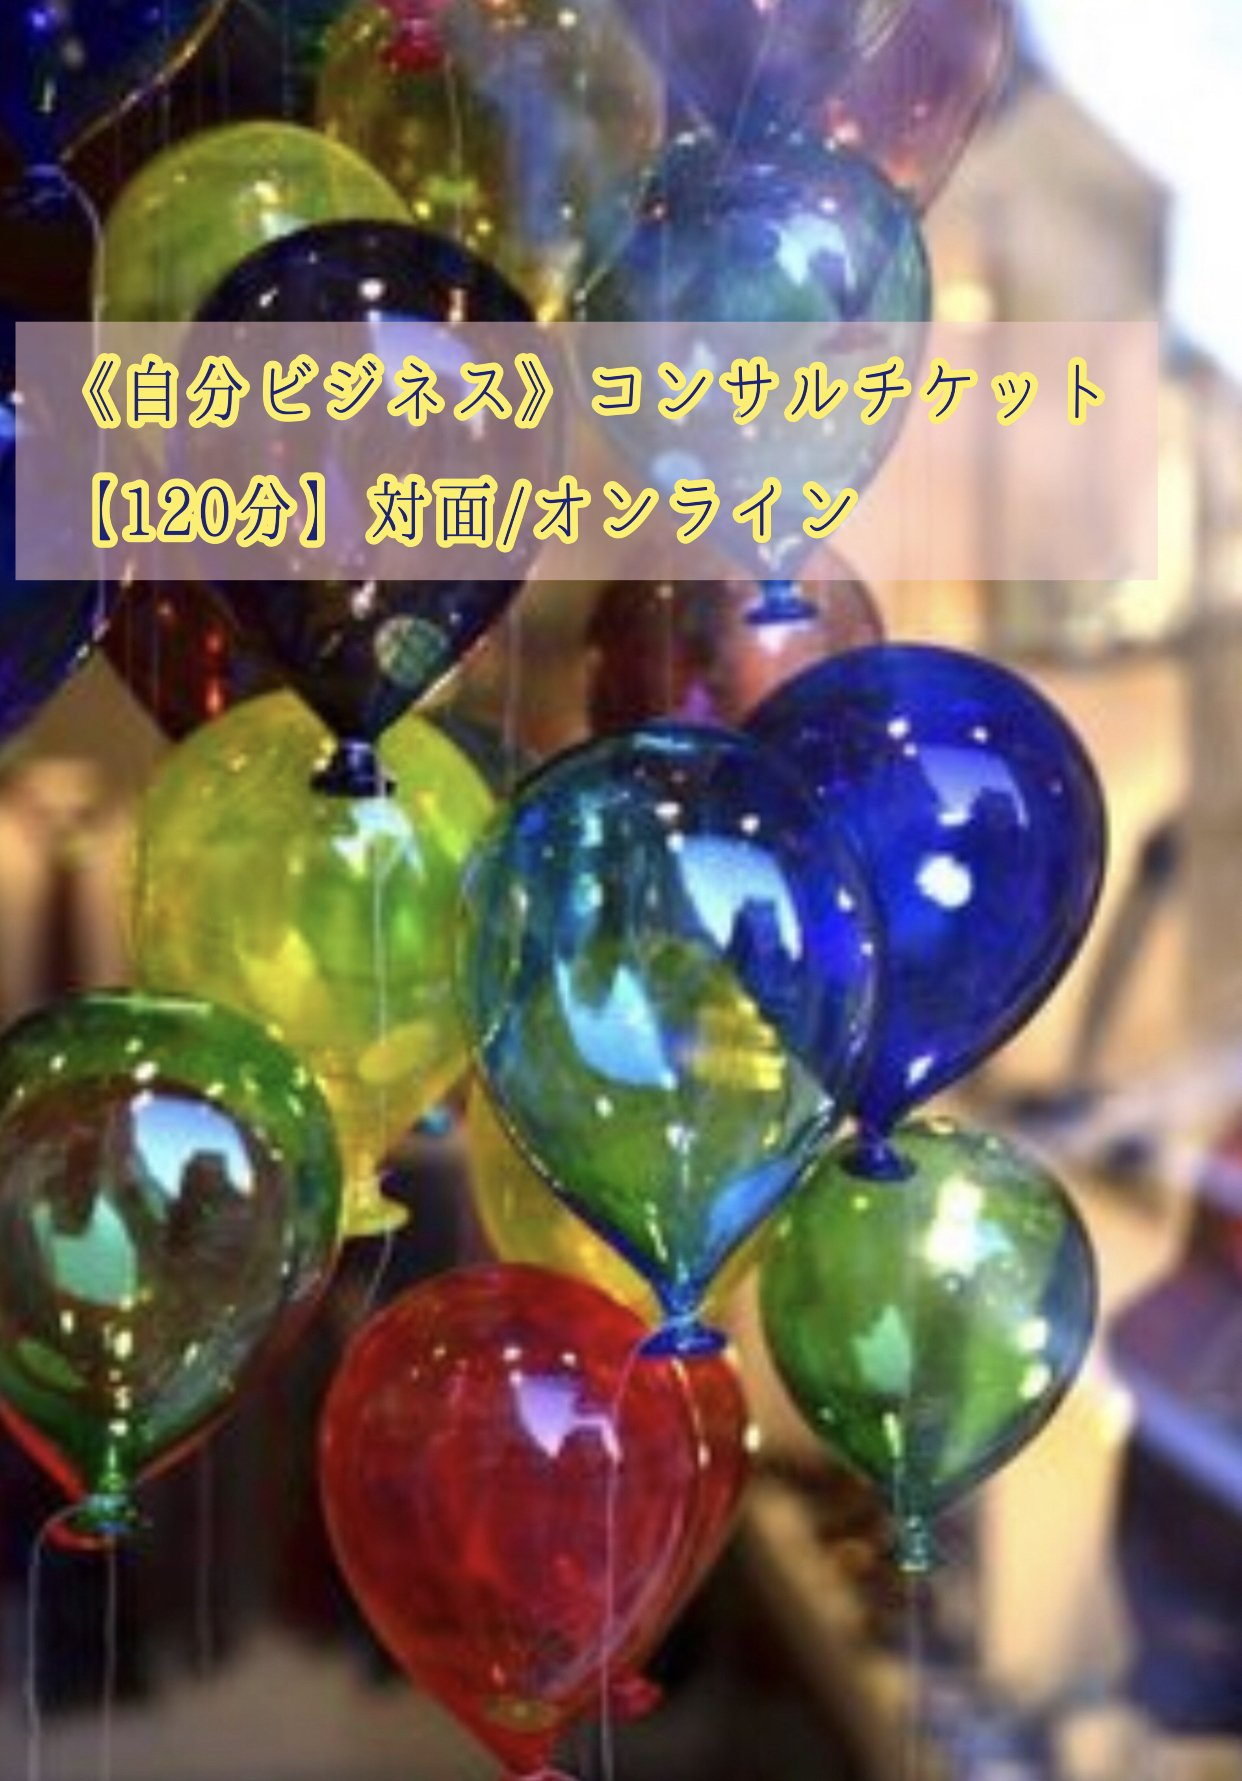 《自分ビジネス》コンサルティングチケット【120分】対面/オンライン|新潟県kokoroの杜369みろくのイメージその1